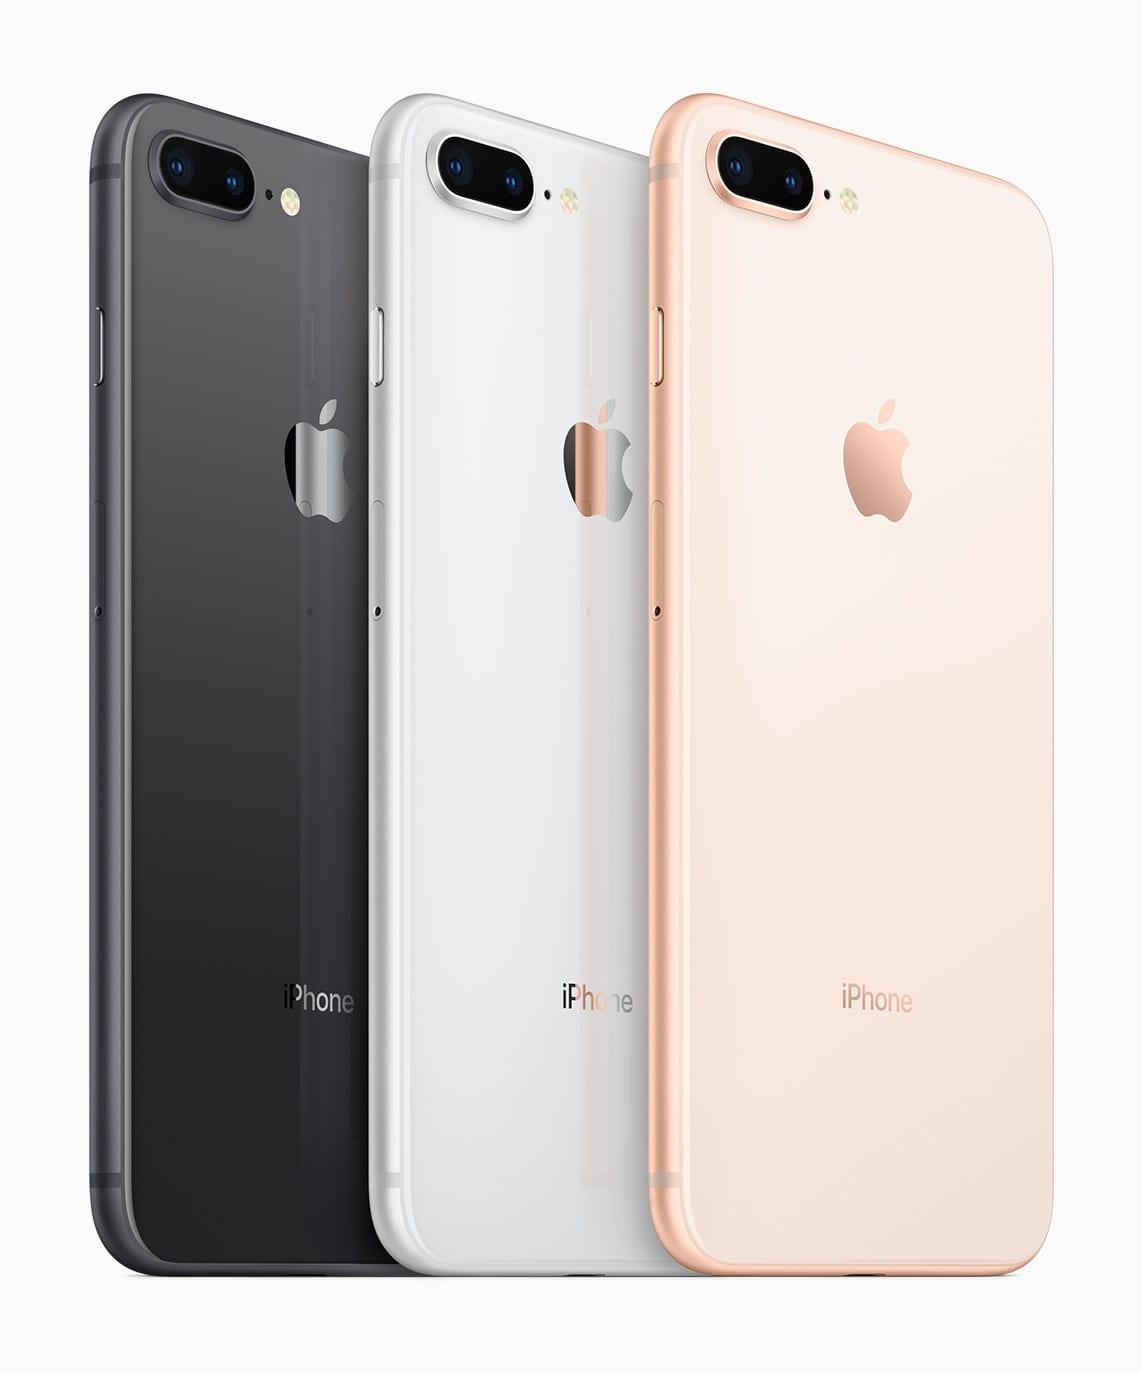 iPhone8Plus color selection - iPhone 8 a iPhone 8 Plus prinášajú nový dizajn, rýchlejšie procesory a bezdrôtové nabíjanie